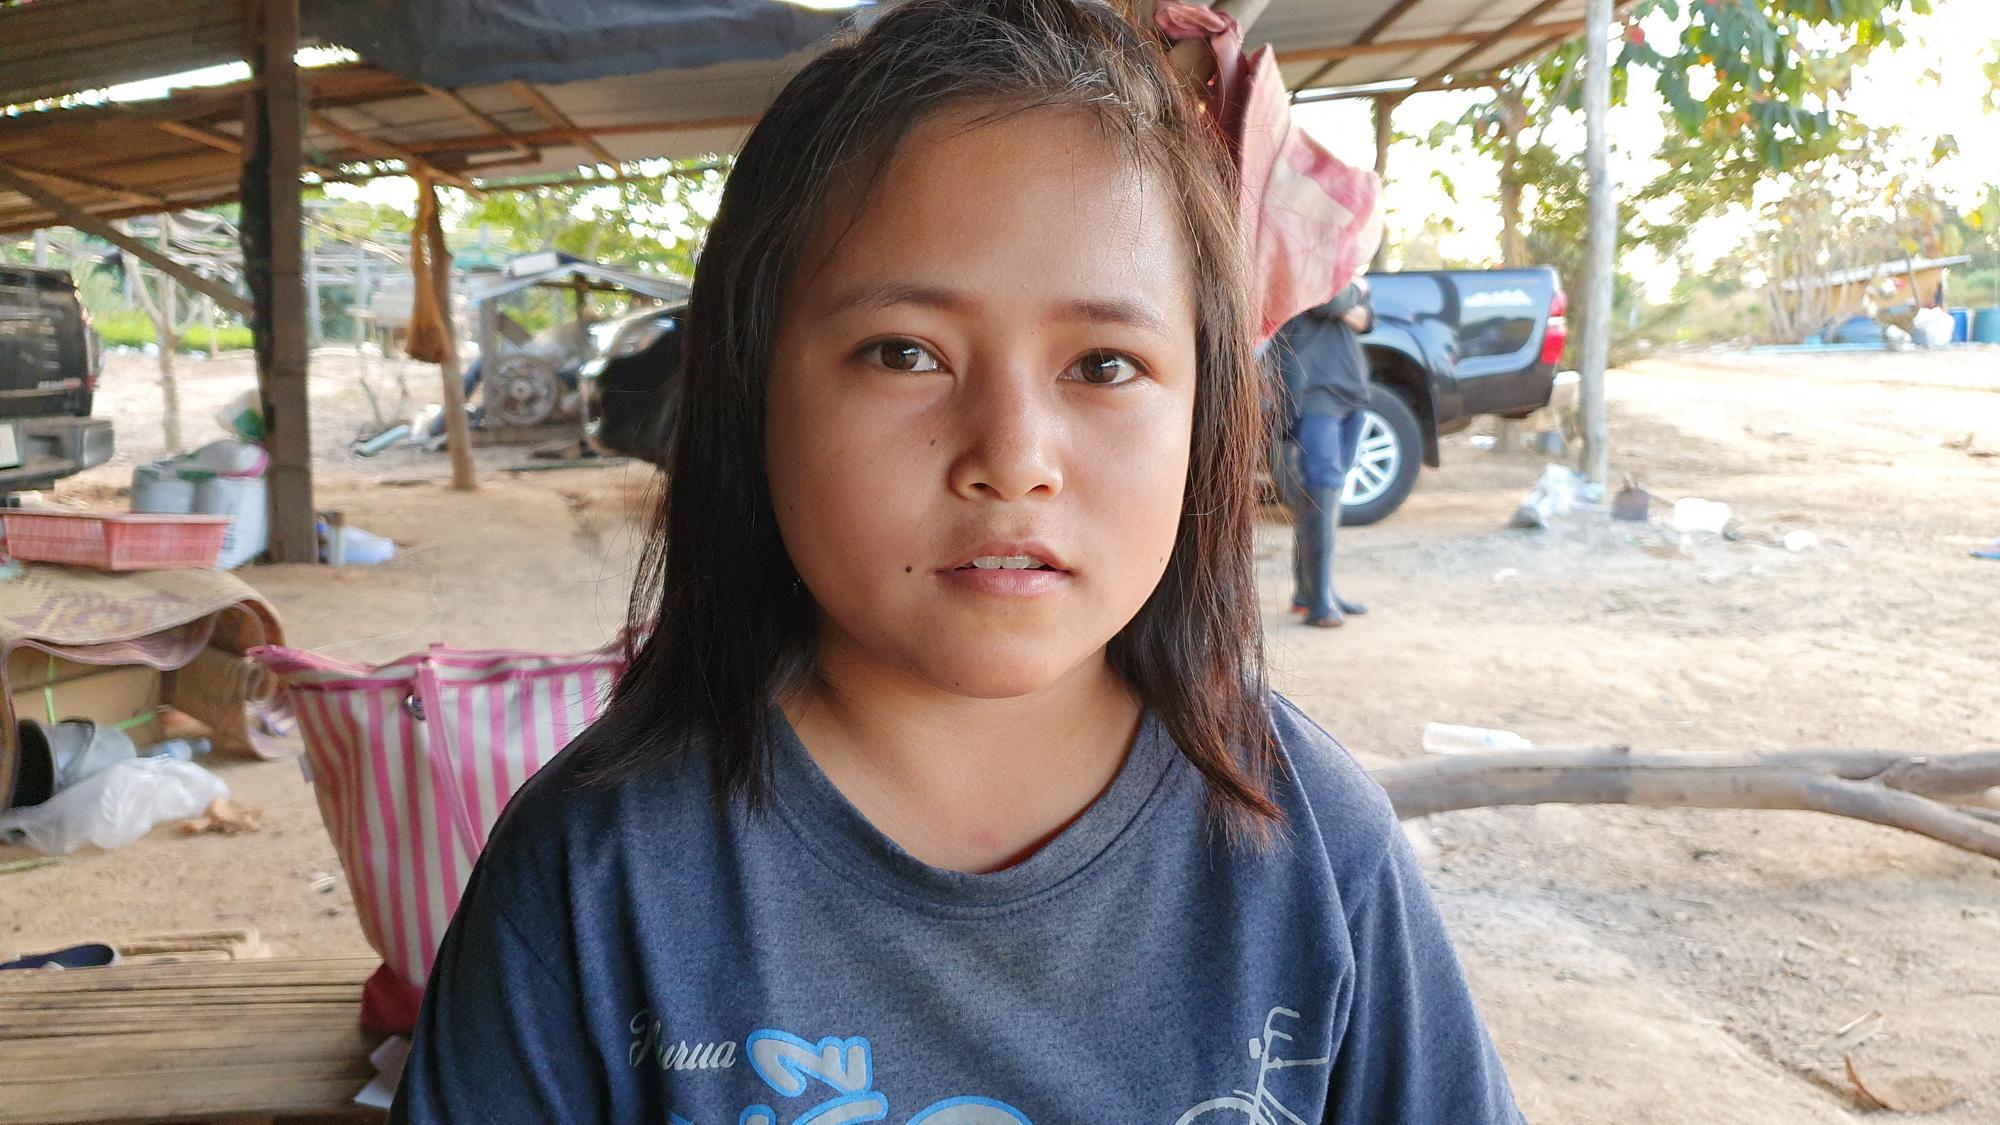 สาวเมืองเลยอายุ 19 ตัวเล็กหน้าเด็กเหมือน 8 ขวบ ขอสู้ชีวิต ไม่คิดว่ามีปมด้อย